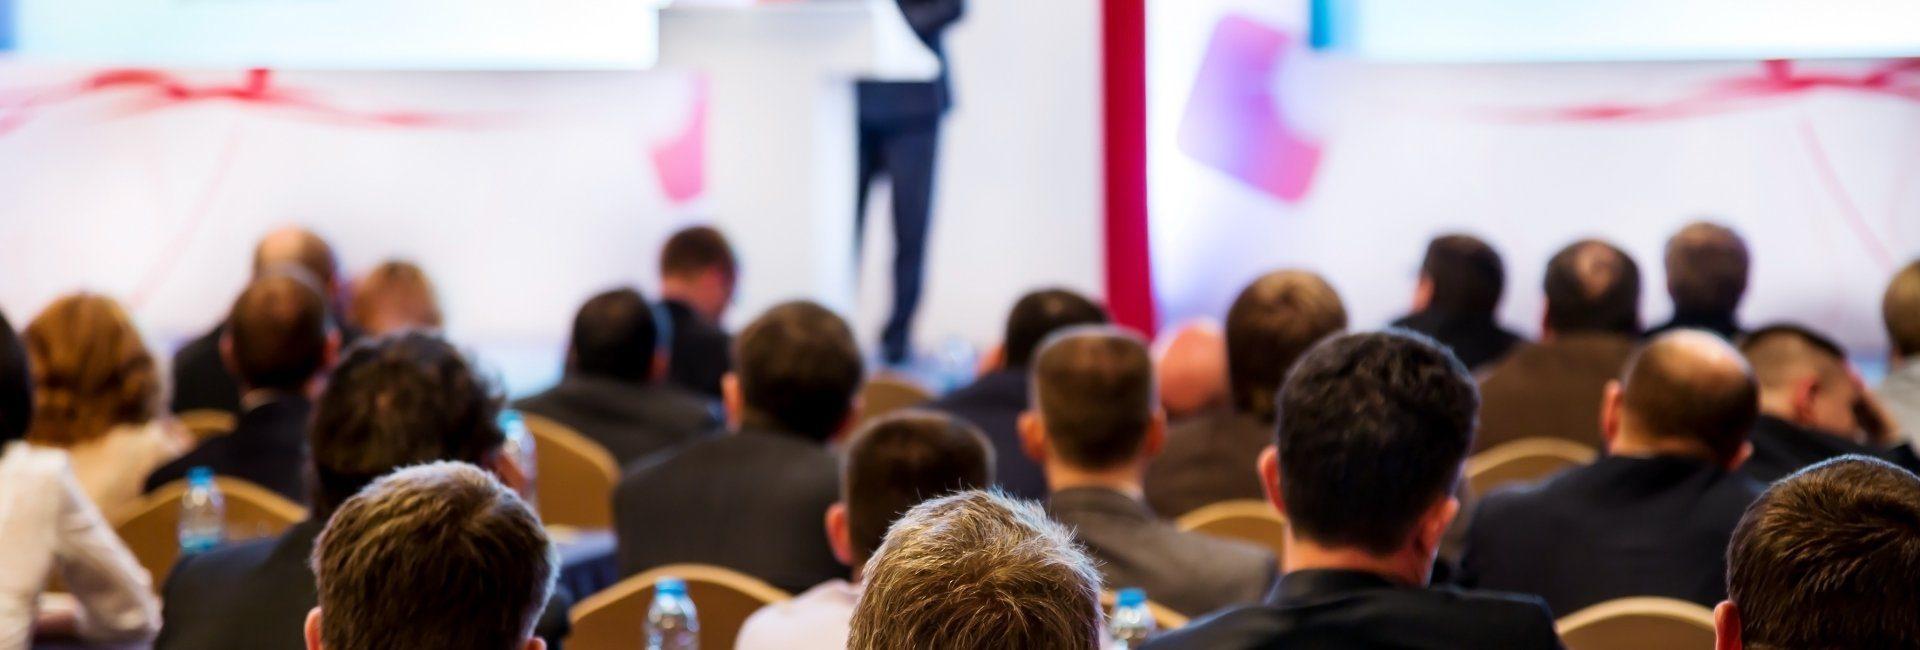 Last minute conferences